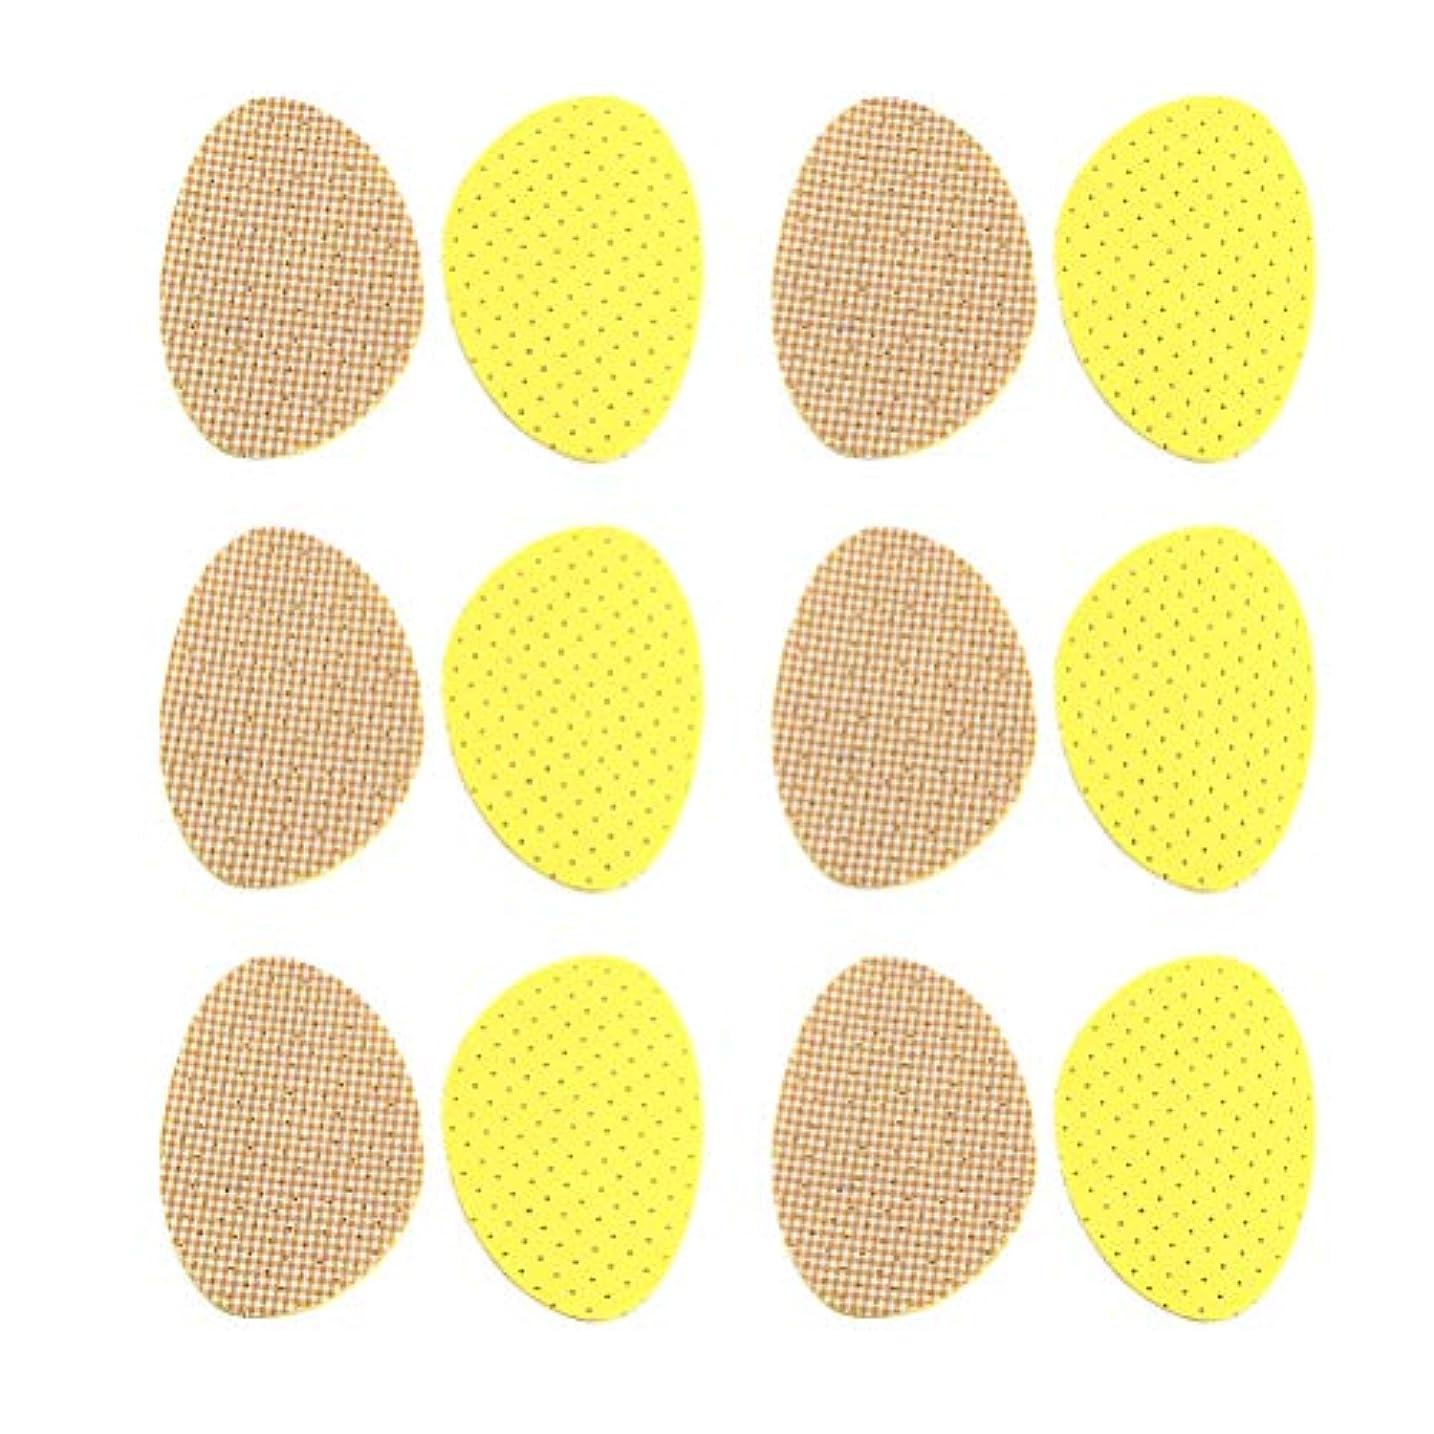 太い一売上高Healifty インソール 足裏保護パッド つま先保護カバー 靴ずれ防止パッド 通気性 靴用 シューズパッドクッション 6ペア